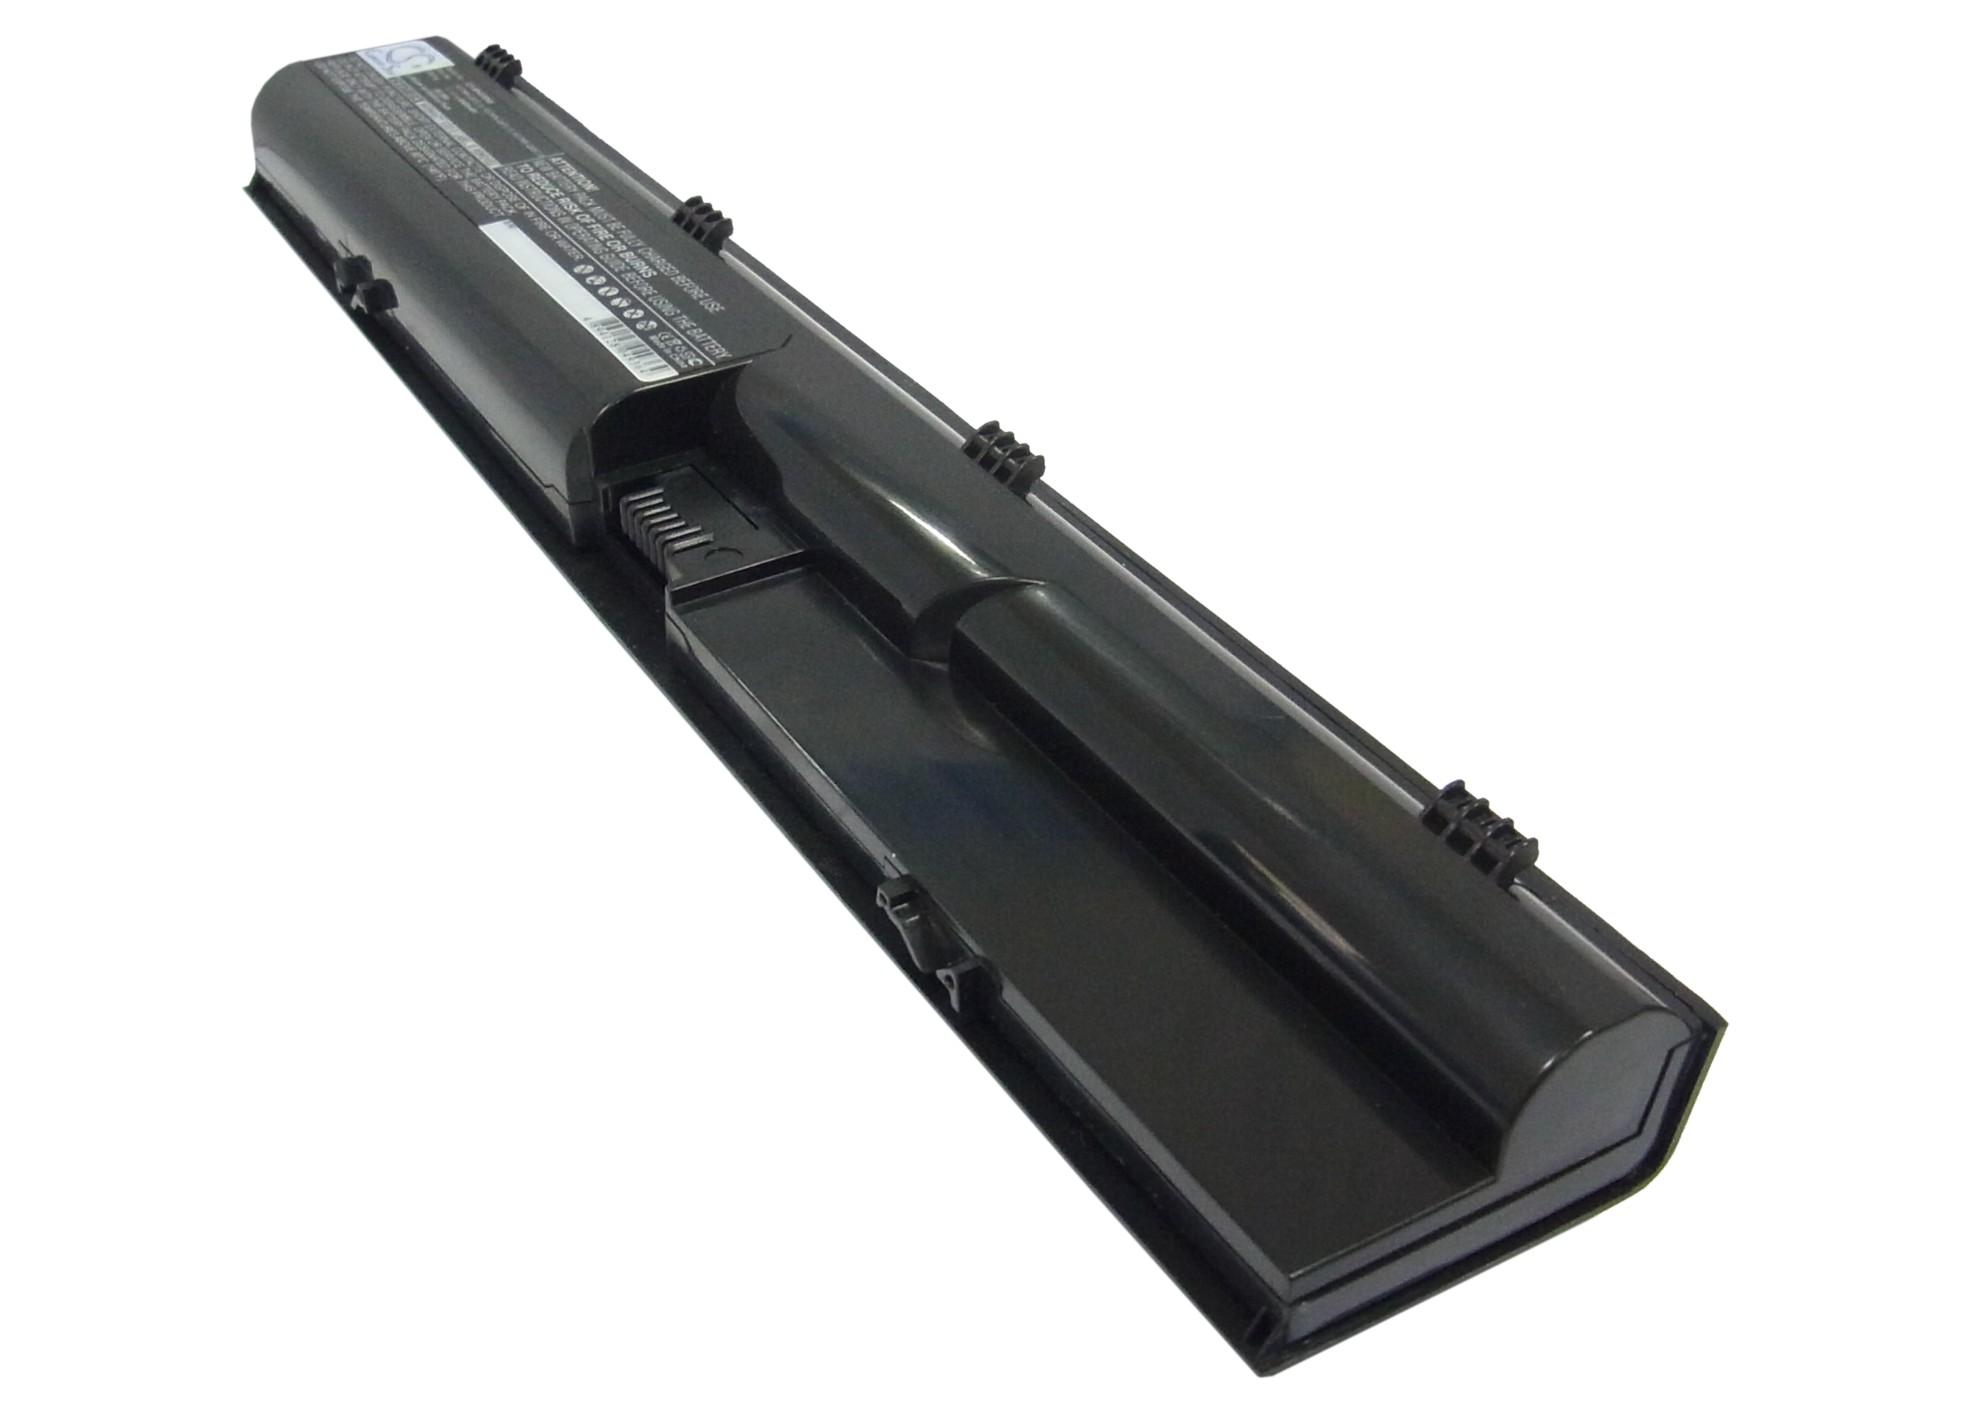 Cameron Sino baterie do notebooků pro HP Probook 4330s 11.1V Li-ion 4400mAh černá - neoriginální